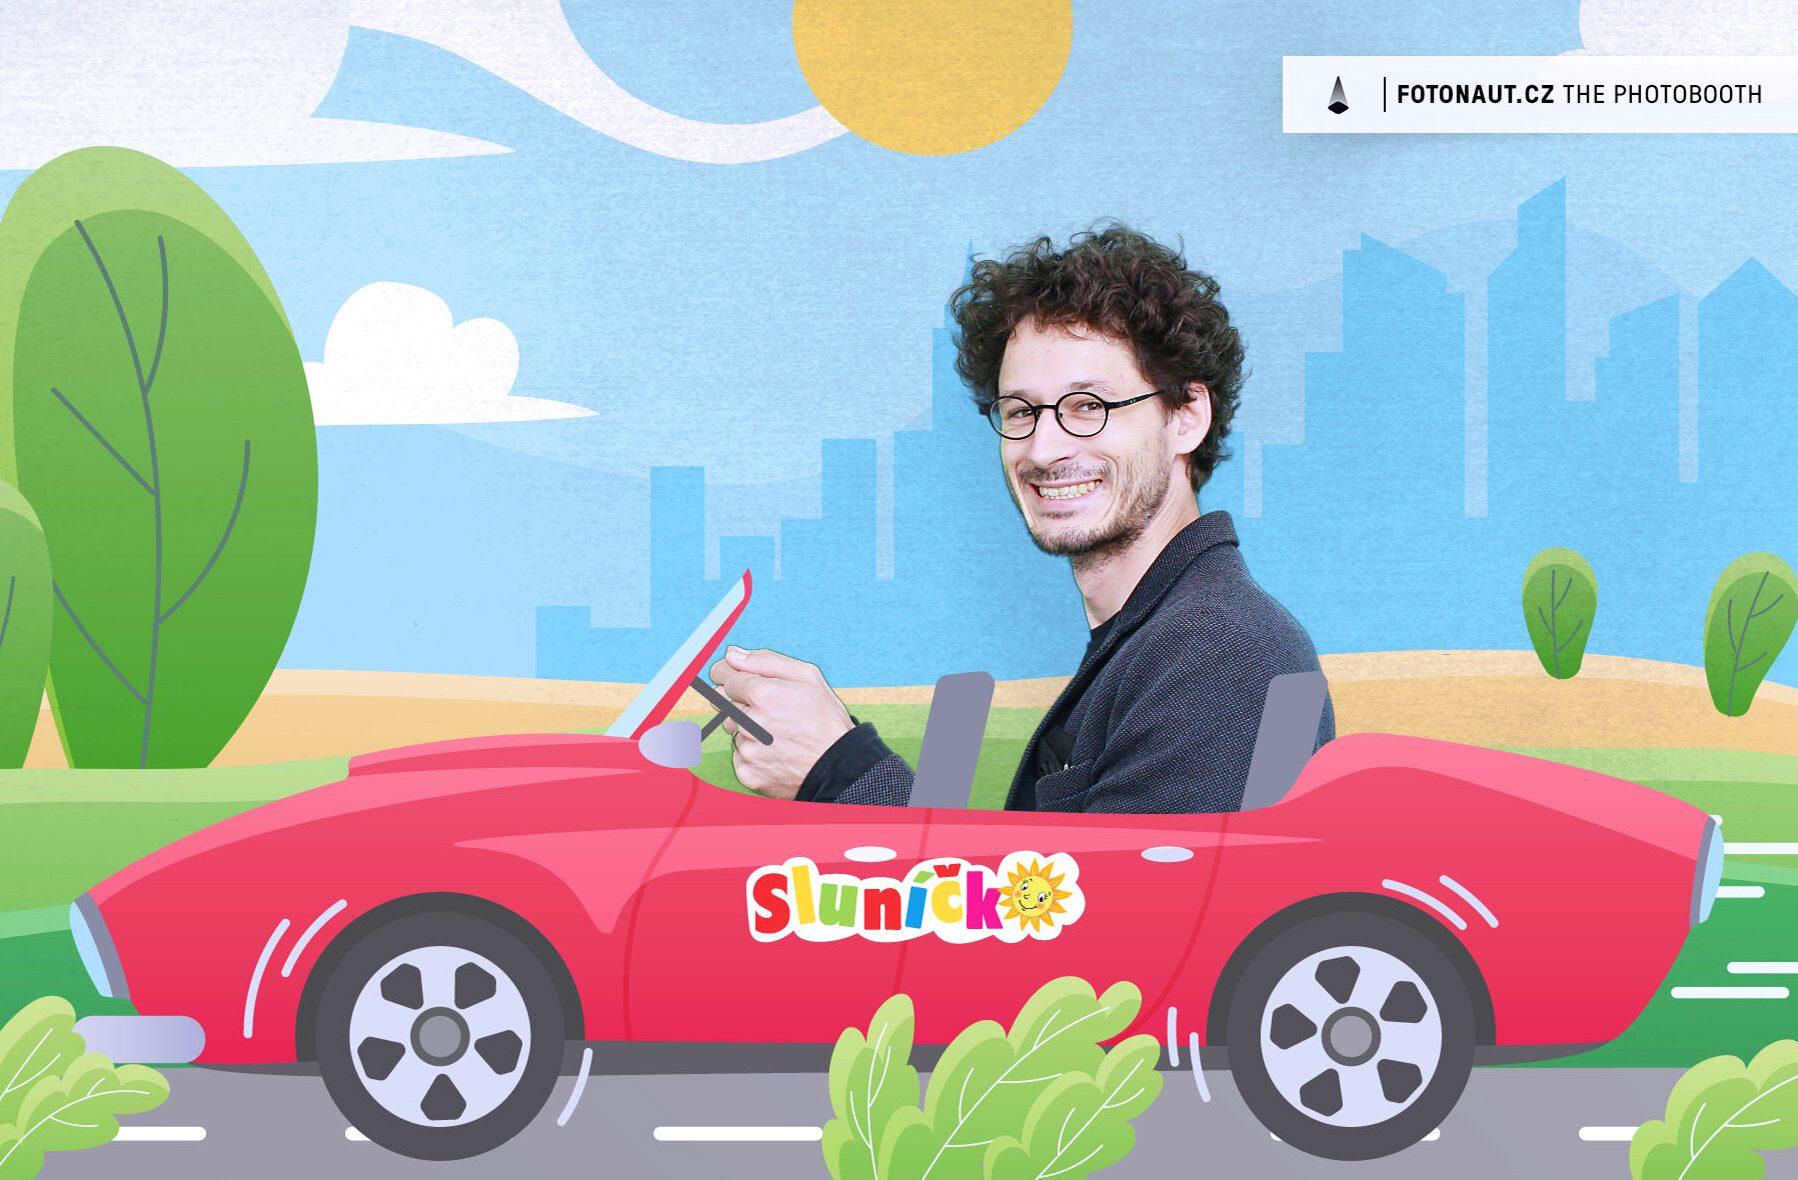 fotokoutek-family-day-praha-promo-akce-auta-na-naplavce-27-8-2021-745196